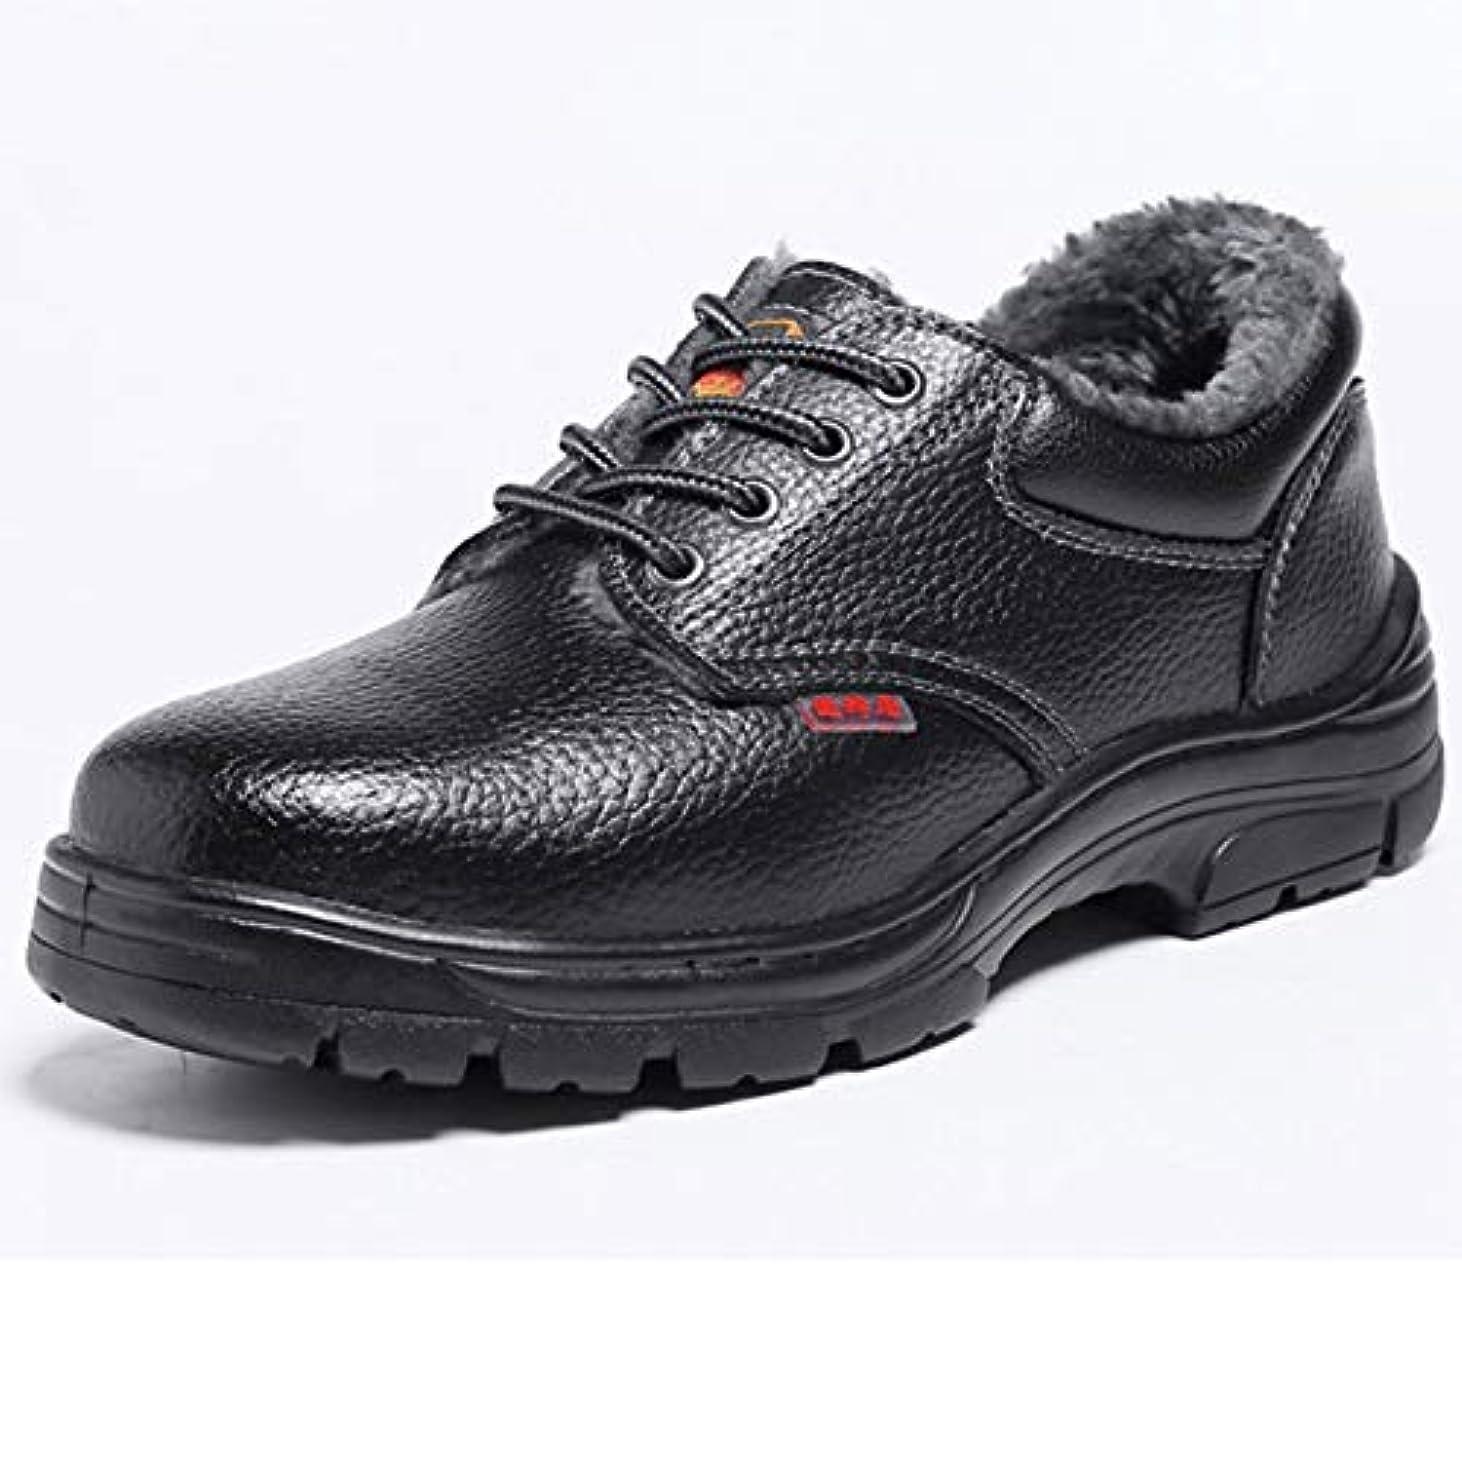 機密増幅器バスルーム男性女性の安全トレーナー鋼のつま先キャップの安全靴軽量 産業のブーツ (Color : Black, Size : 41)